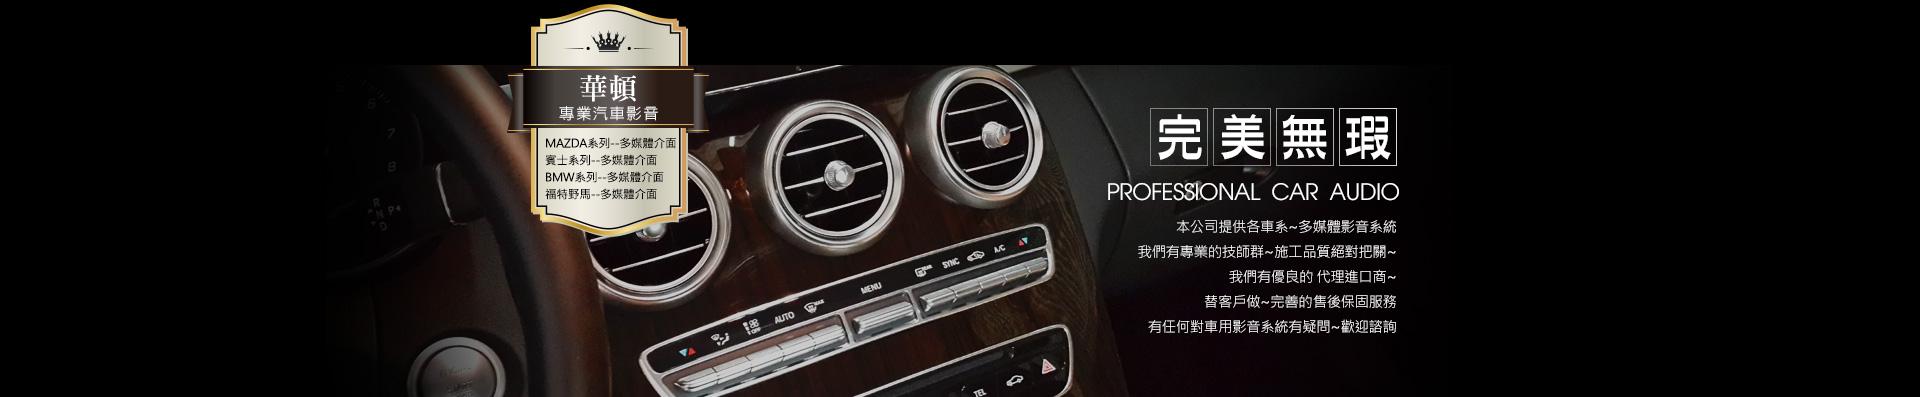 華頓專業汽車影音改裝